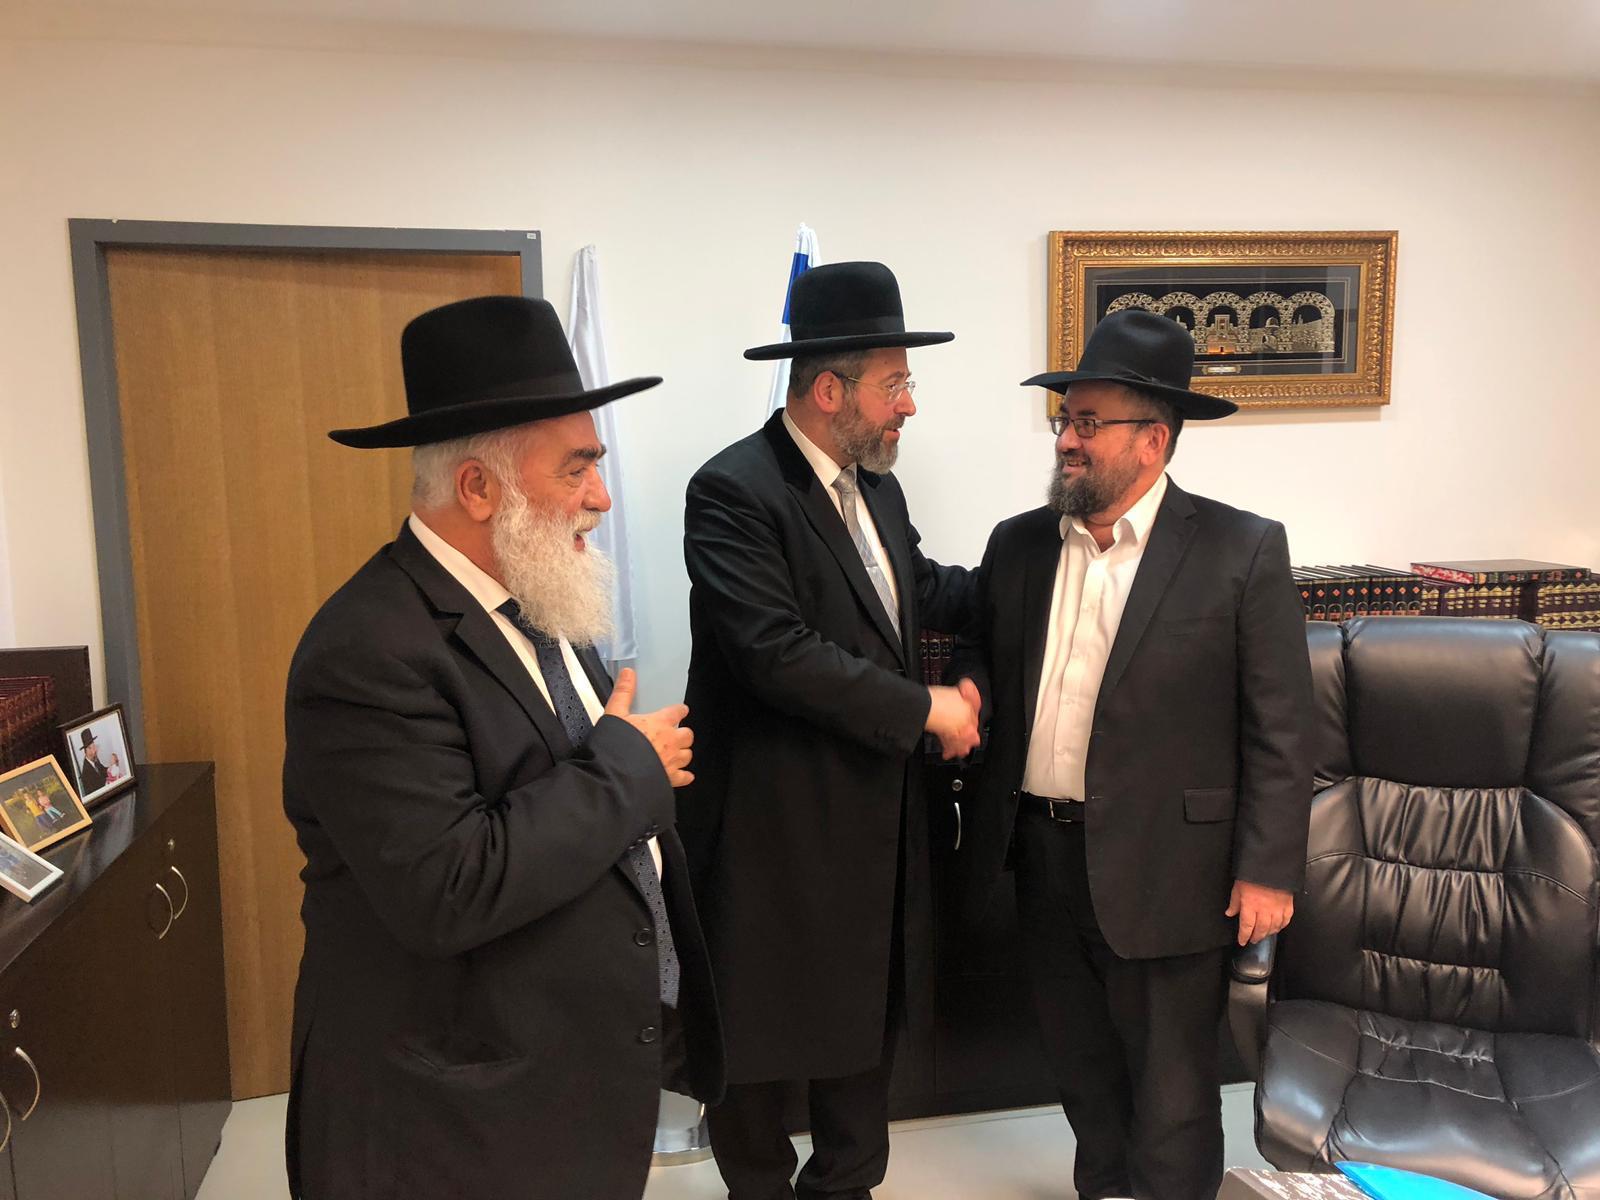 הרב הראשי עם הרב פרץ משמאל הרב ולר מימין